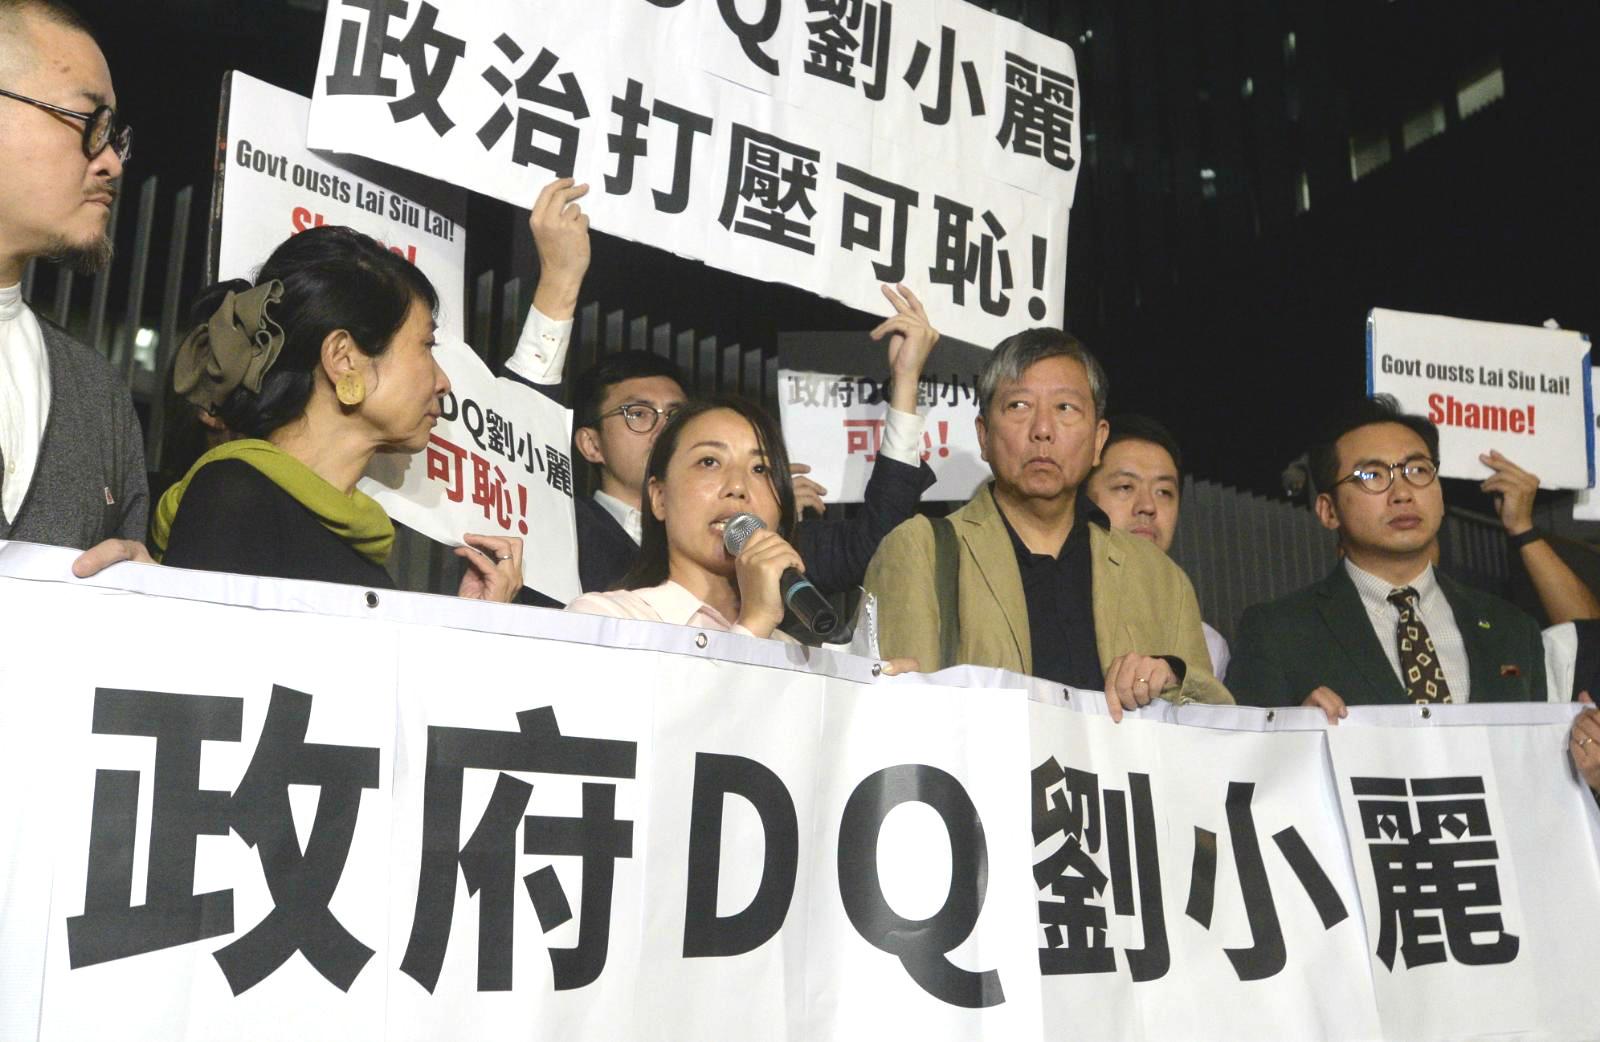 民主派發起聲援遊行